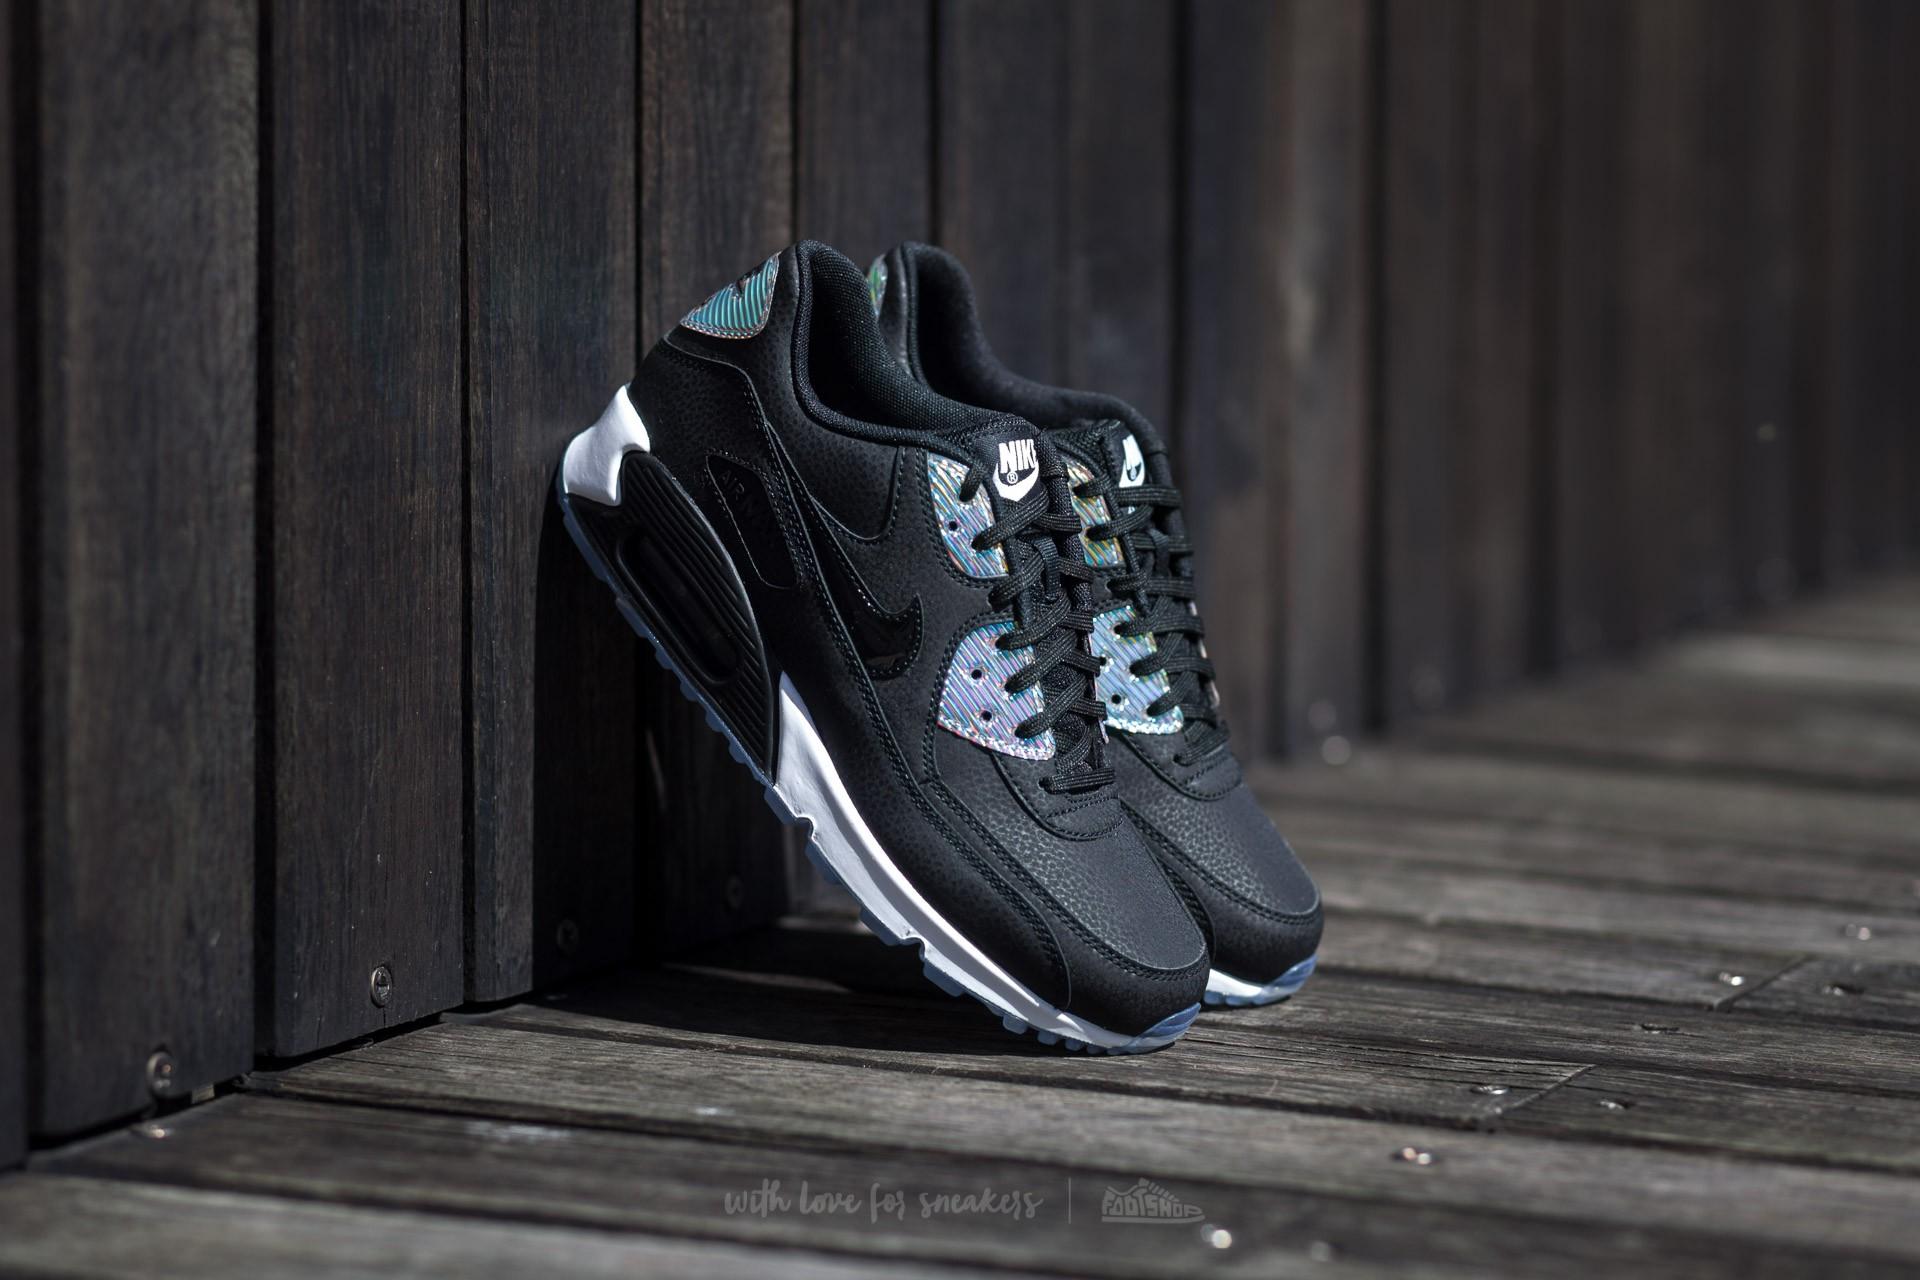 Nike Air Max 90 Premium Black Black